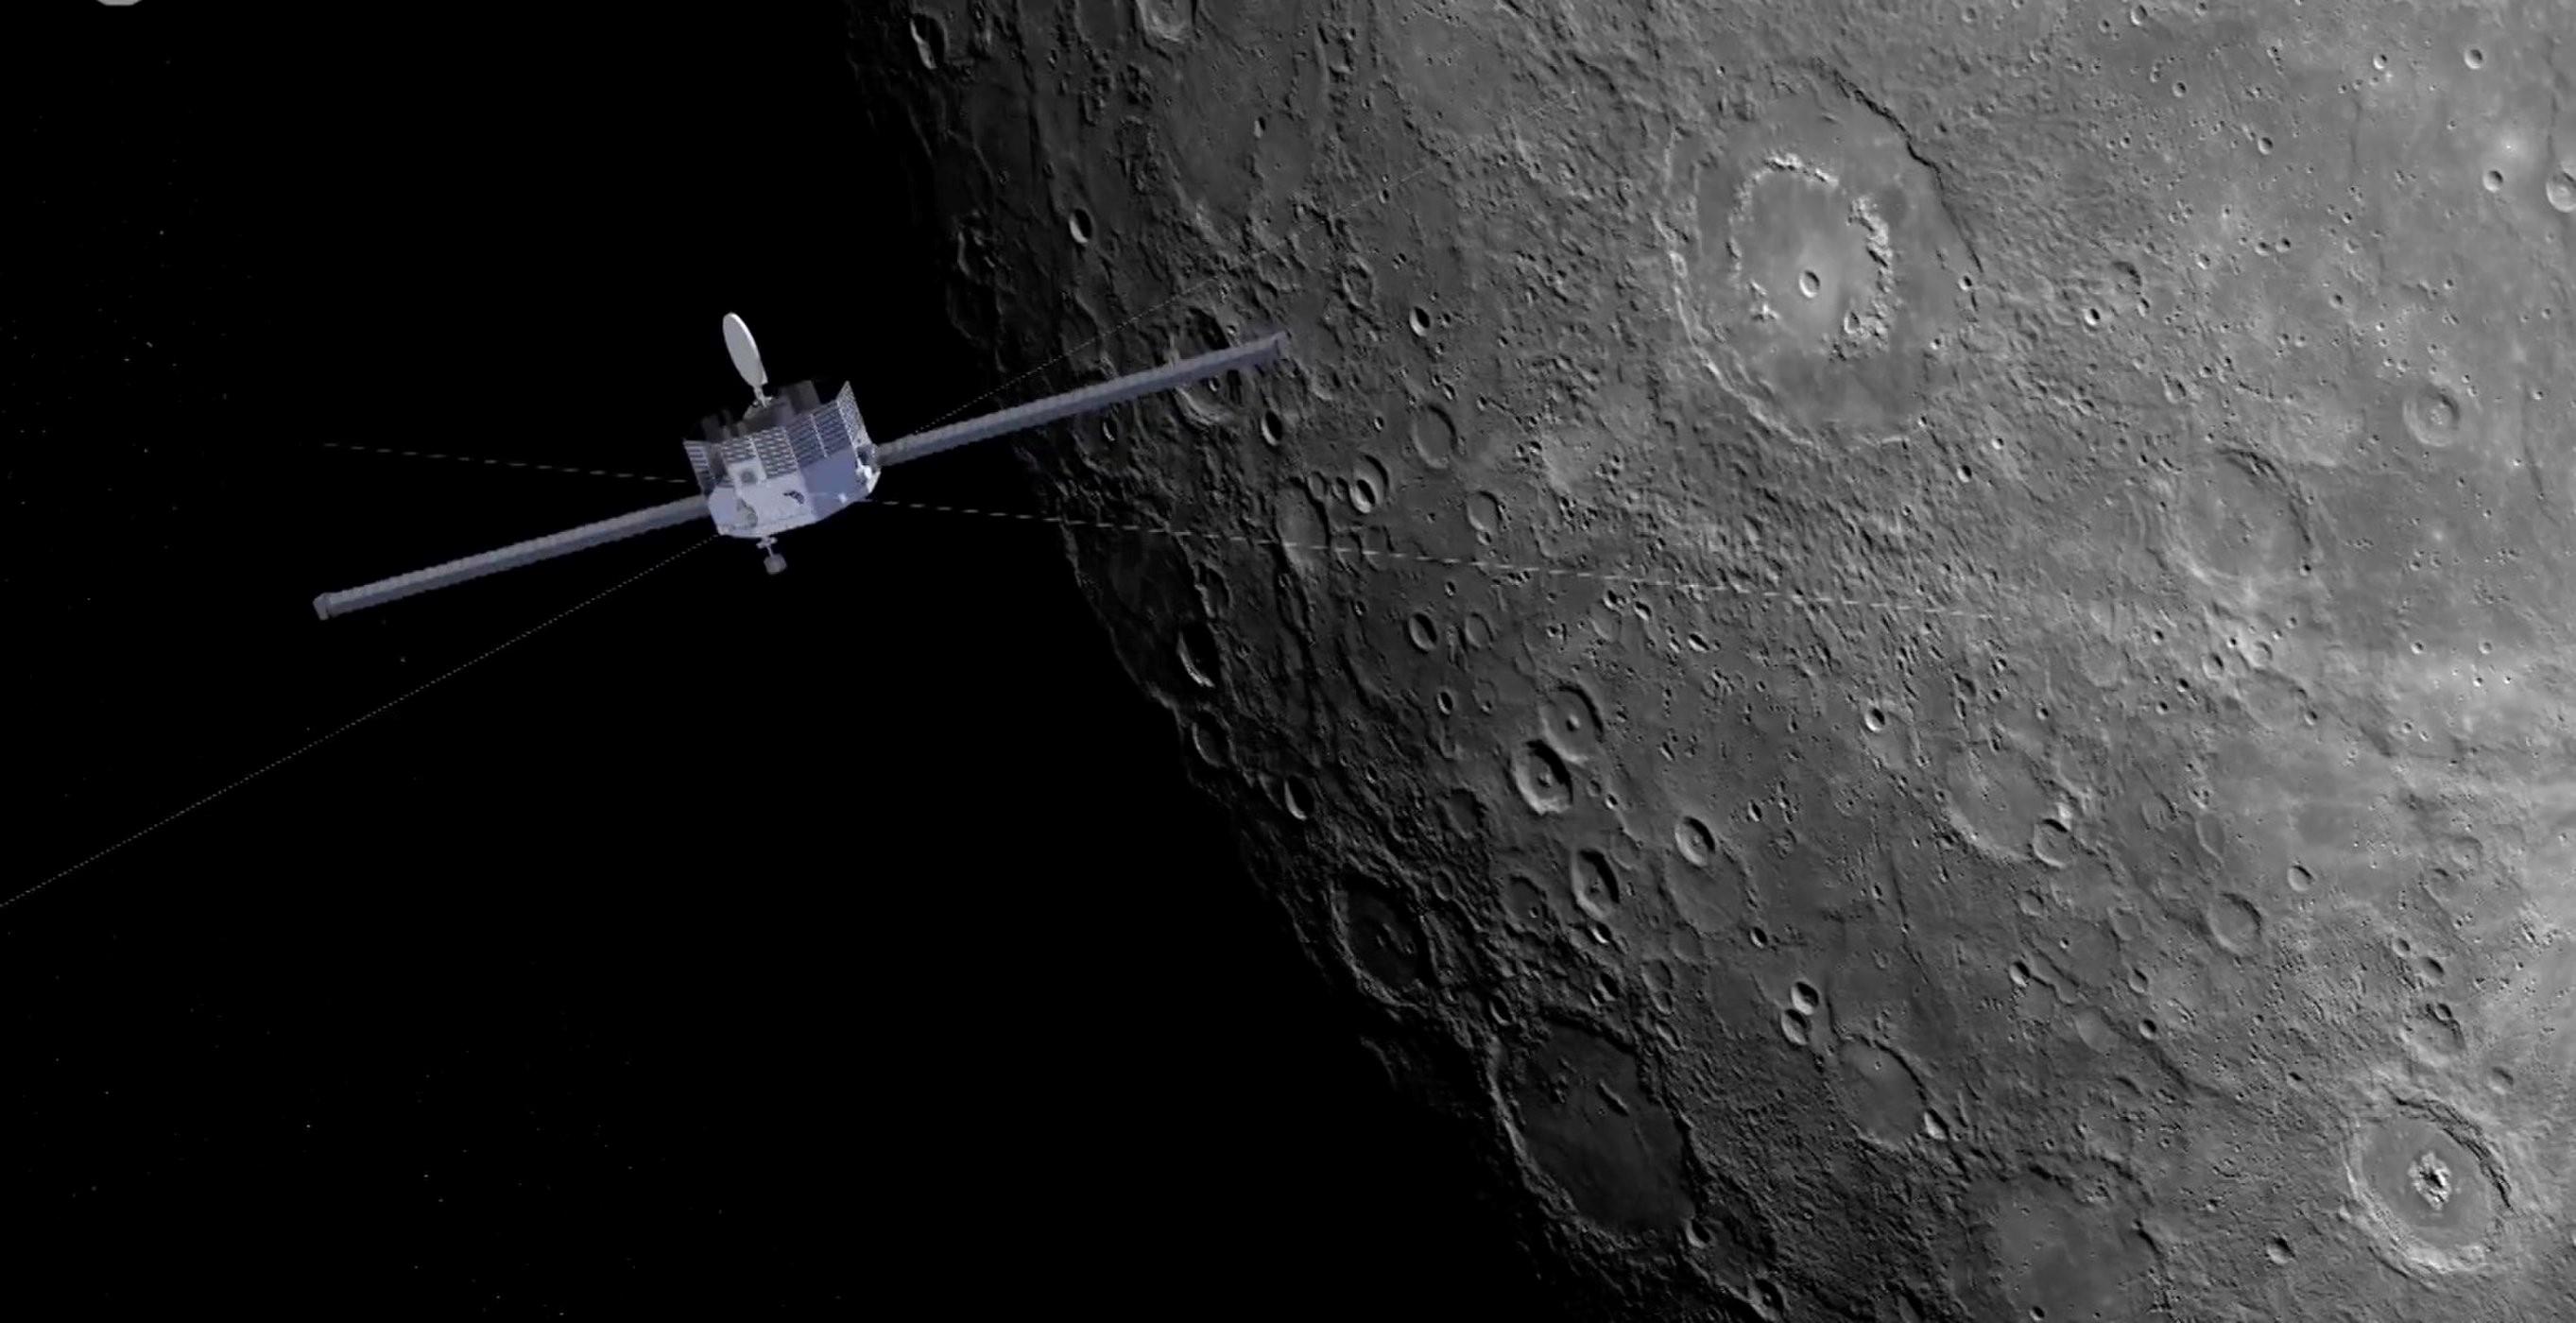 欧洲、日本航天器将结伴探测水星 最早今年10月启程